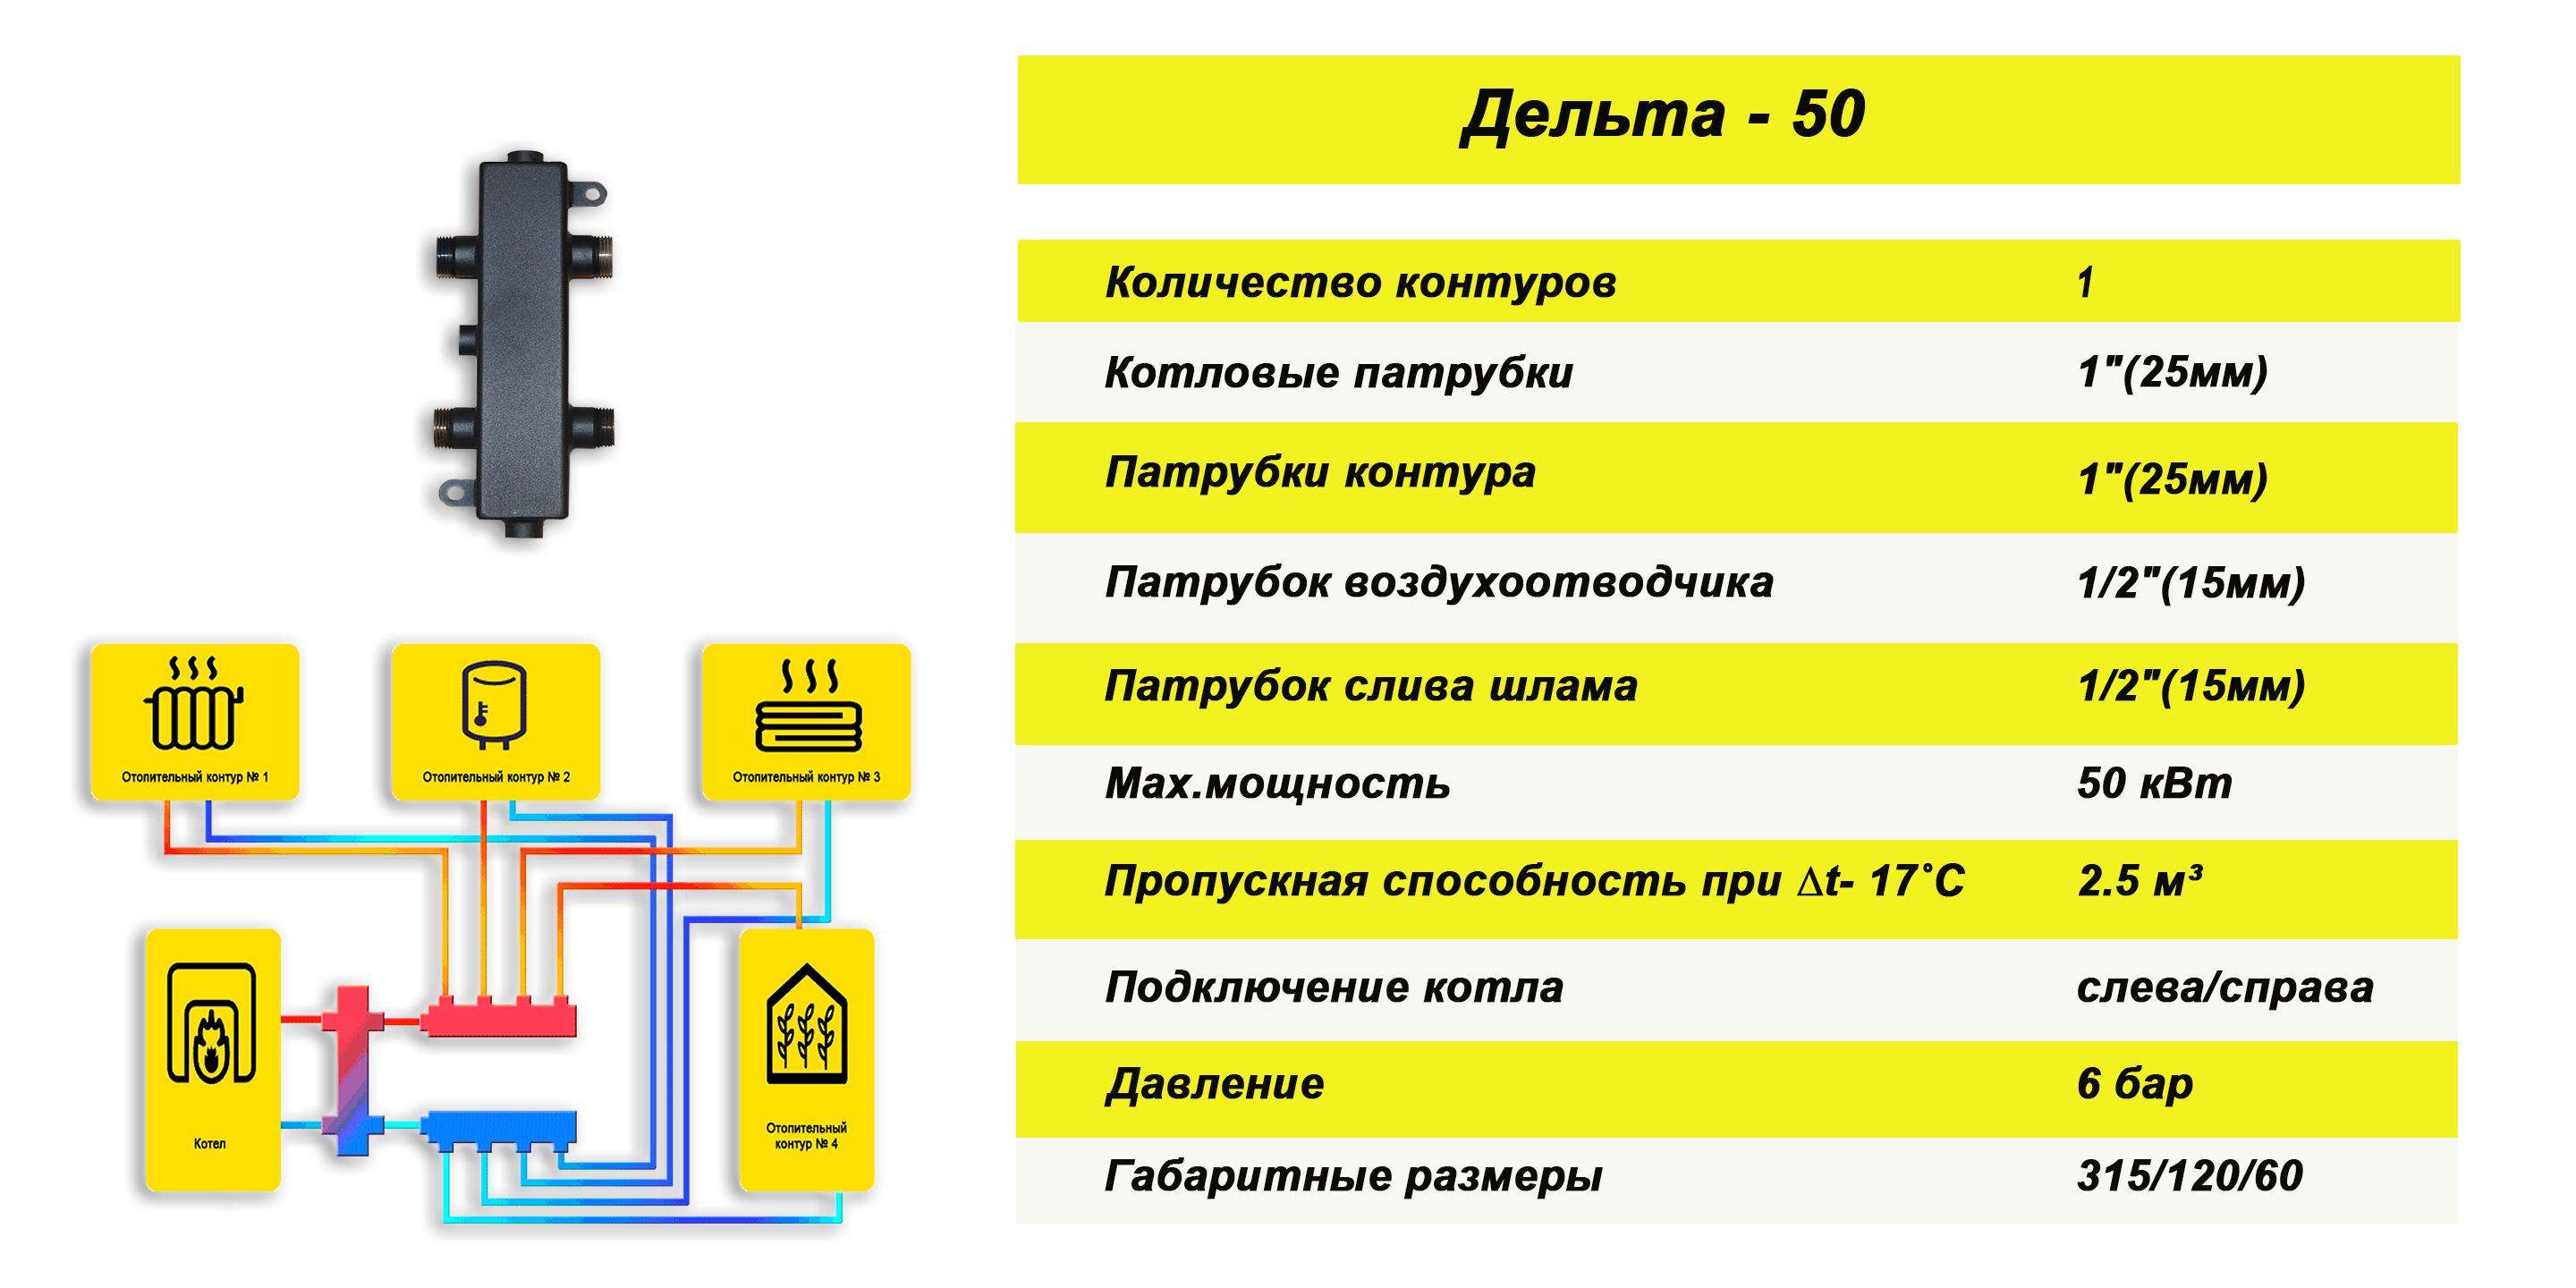 дельта 50